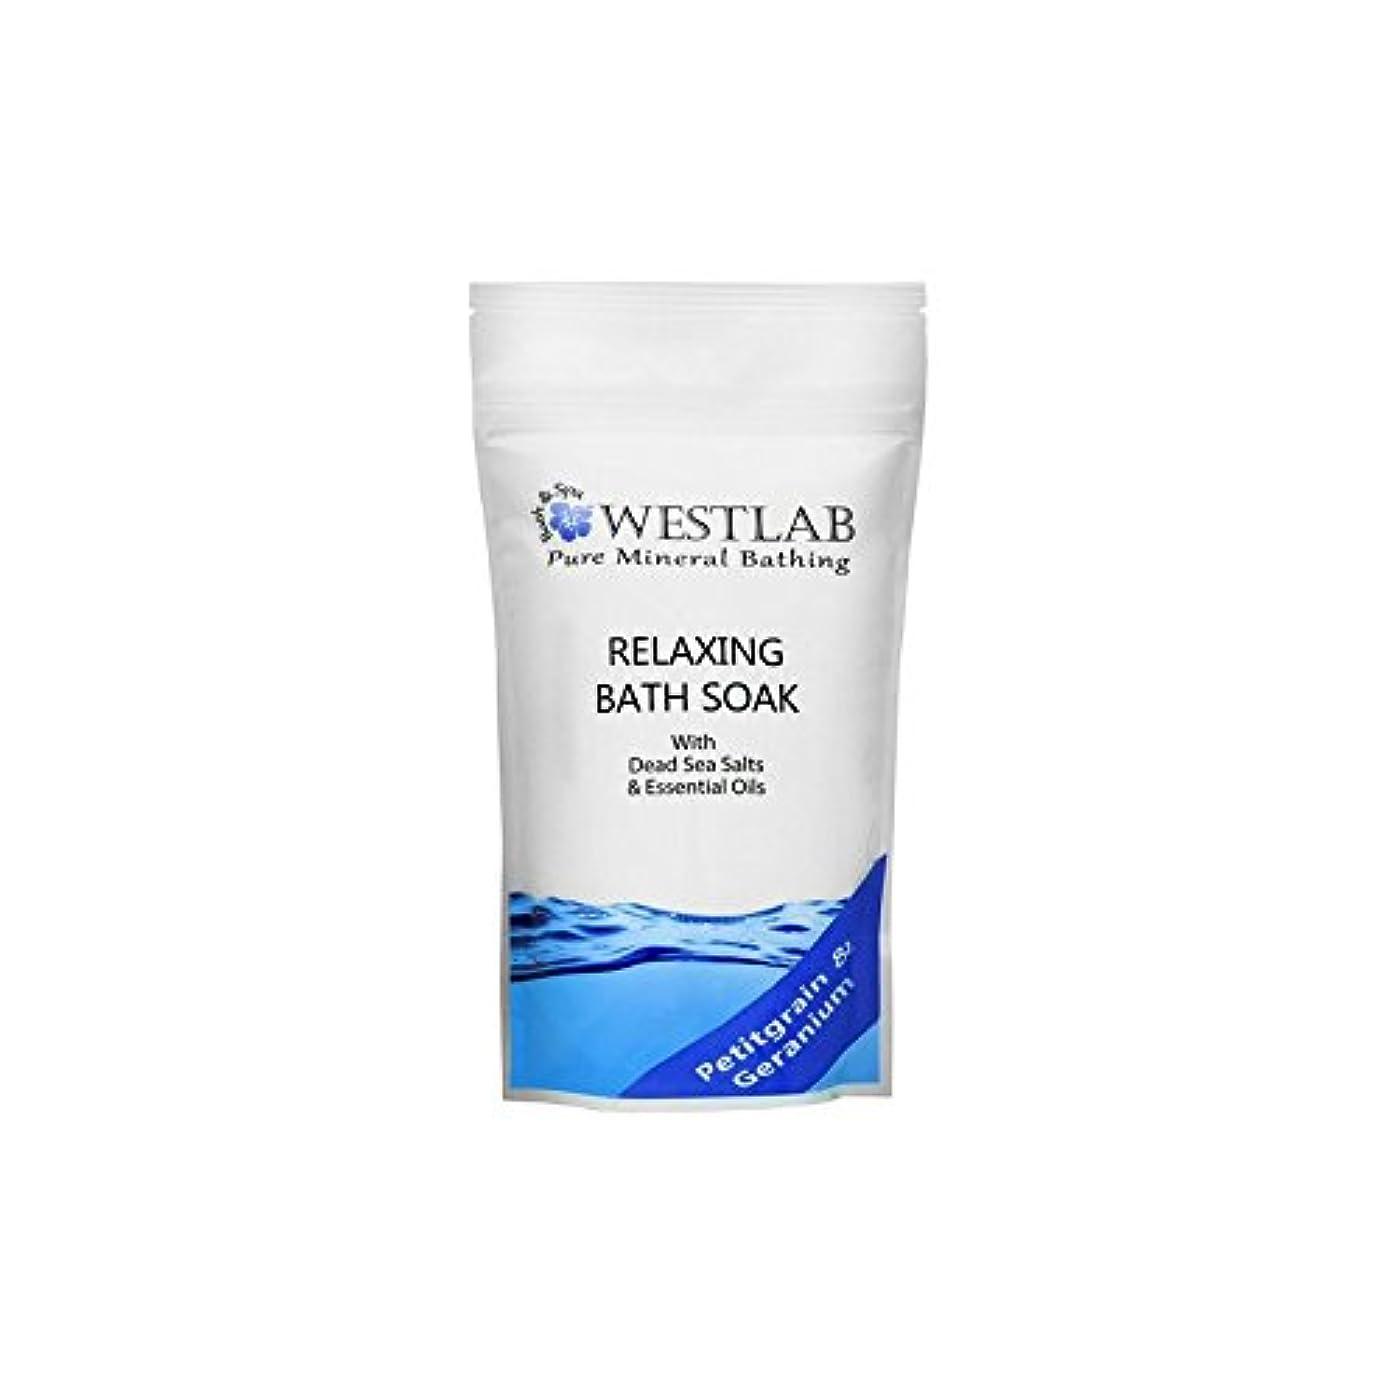 狐残高論文Westlab Relax Dead Sea Salt Bath Soak (500g) (Pack of 6) - 死海の塩浴浸漬(500グラム)をリラックス x6 [並行輸入品]